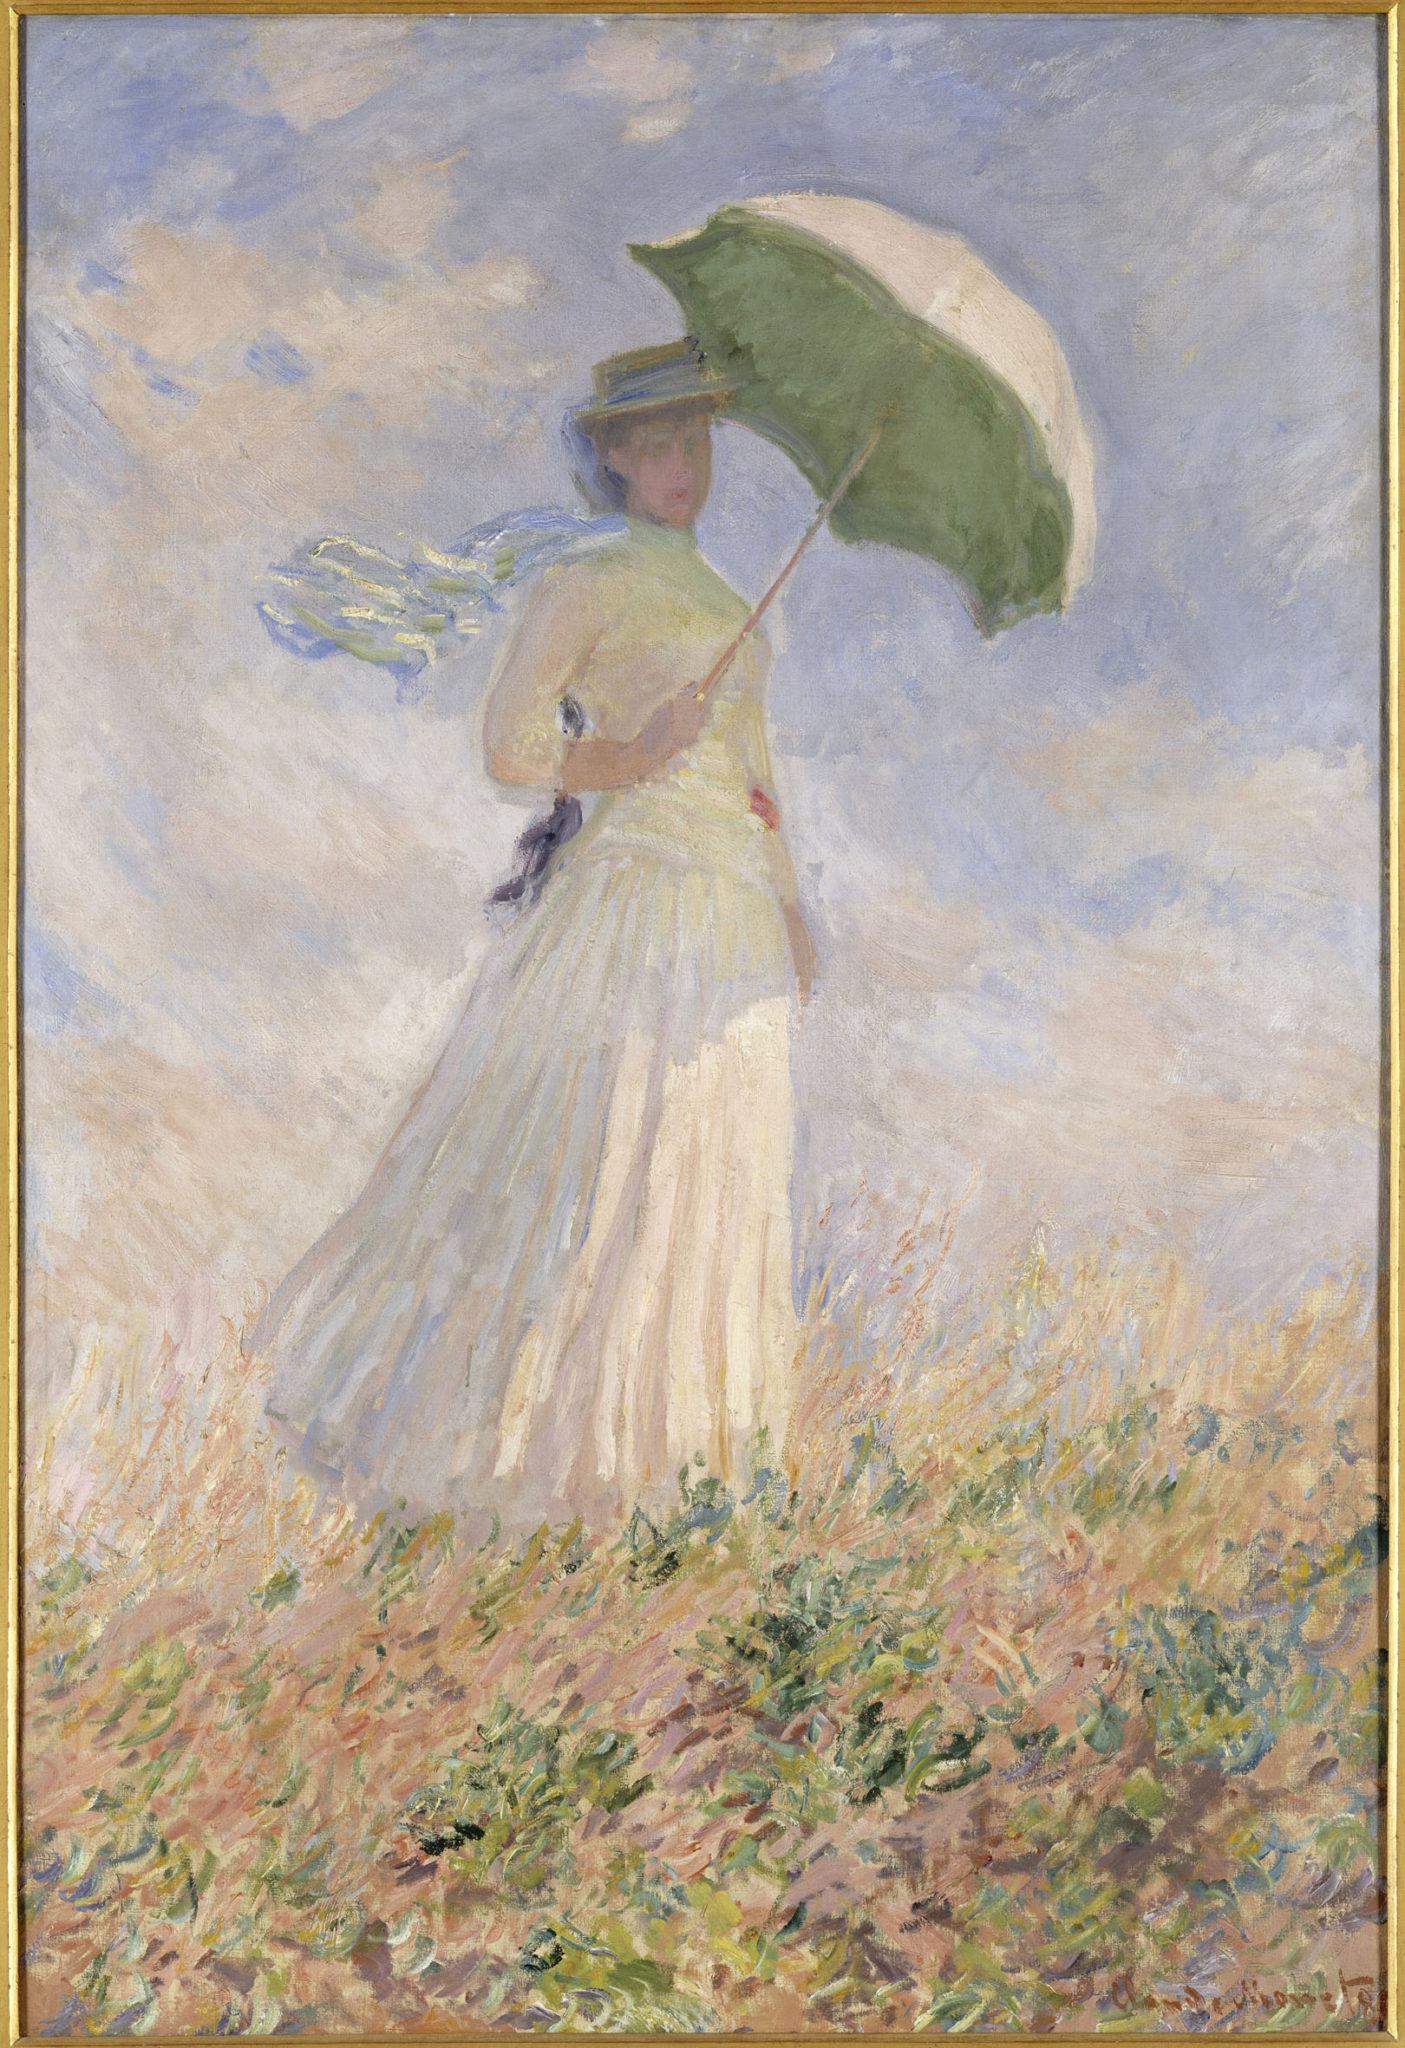 Monet a Torino. Dal Musée d'Orsay alla GAM, 40 opere del padre dell'Impressionismo